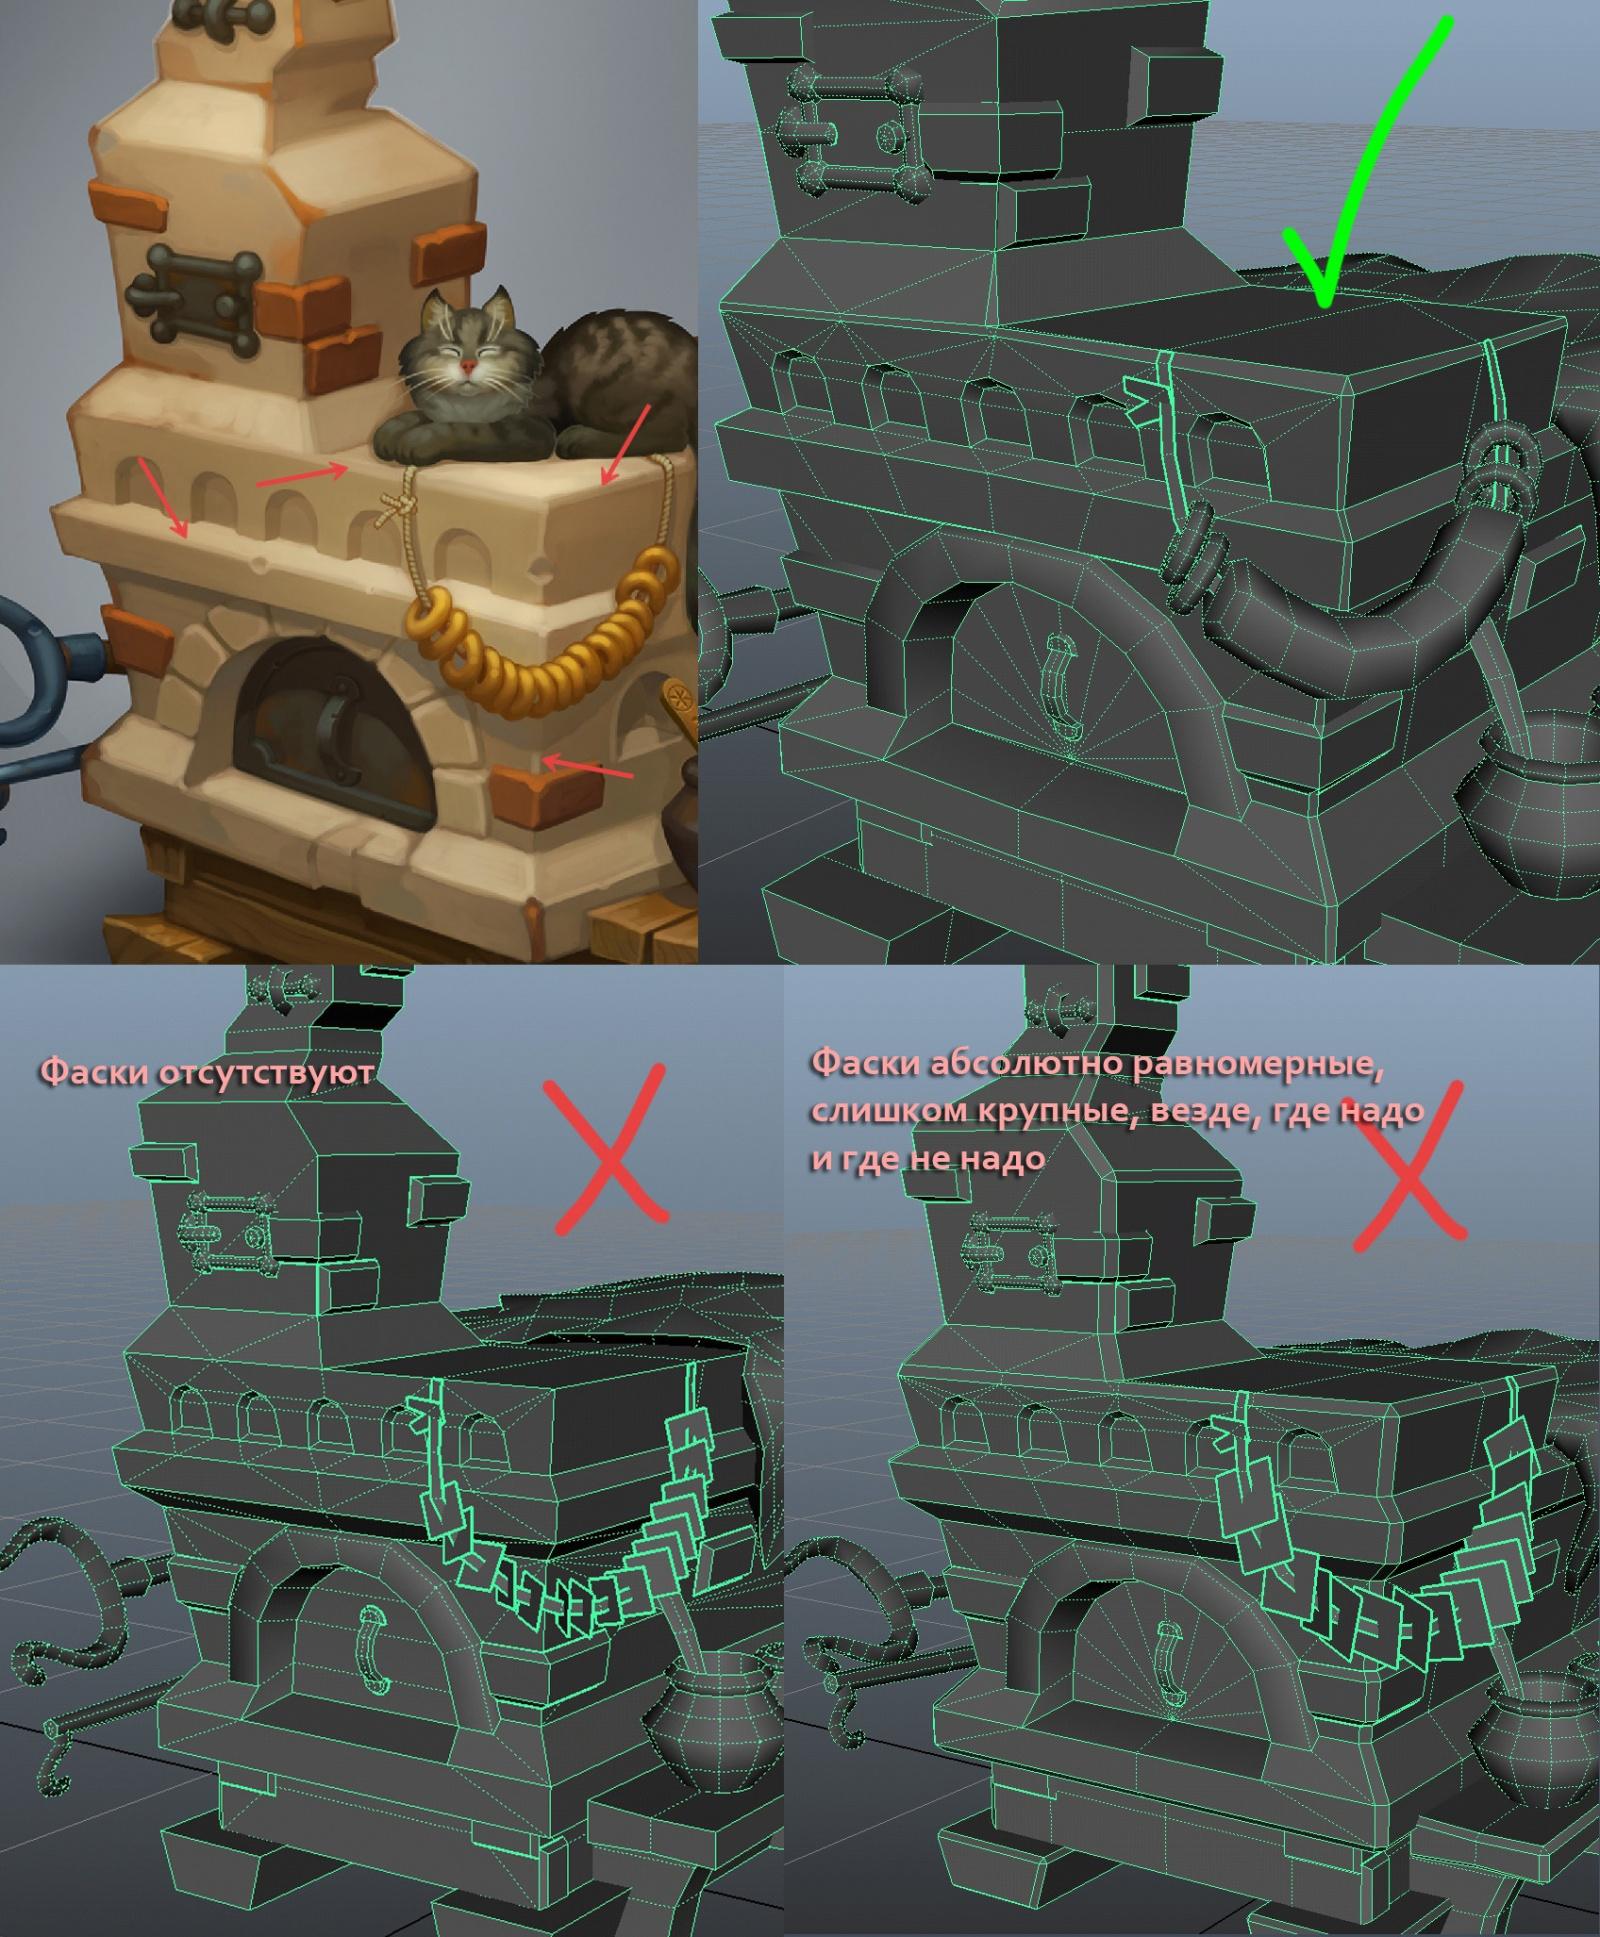 Разработка персонажей для игры «Аллоды Онлайн» - 35